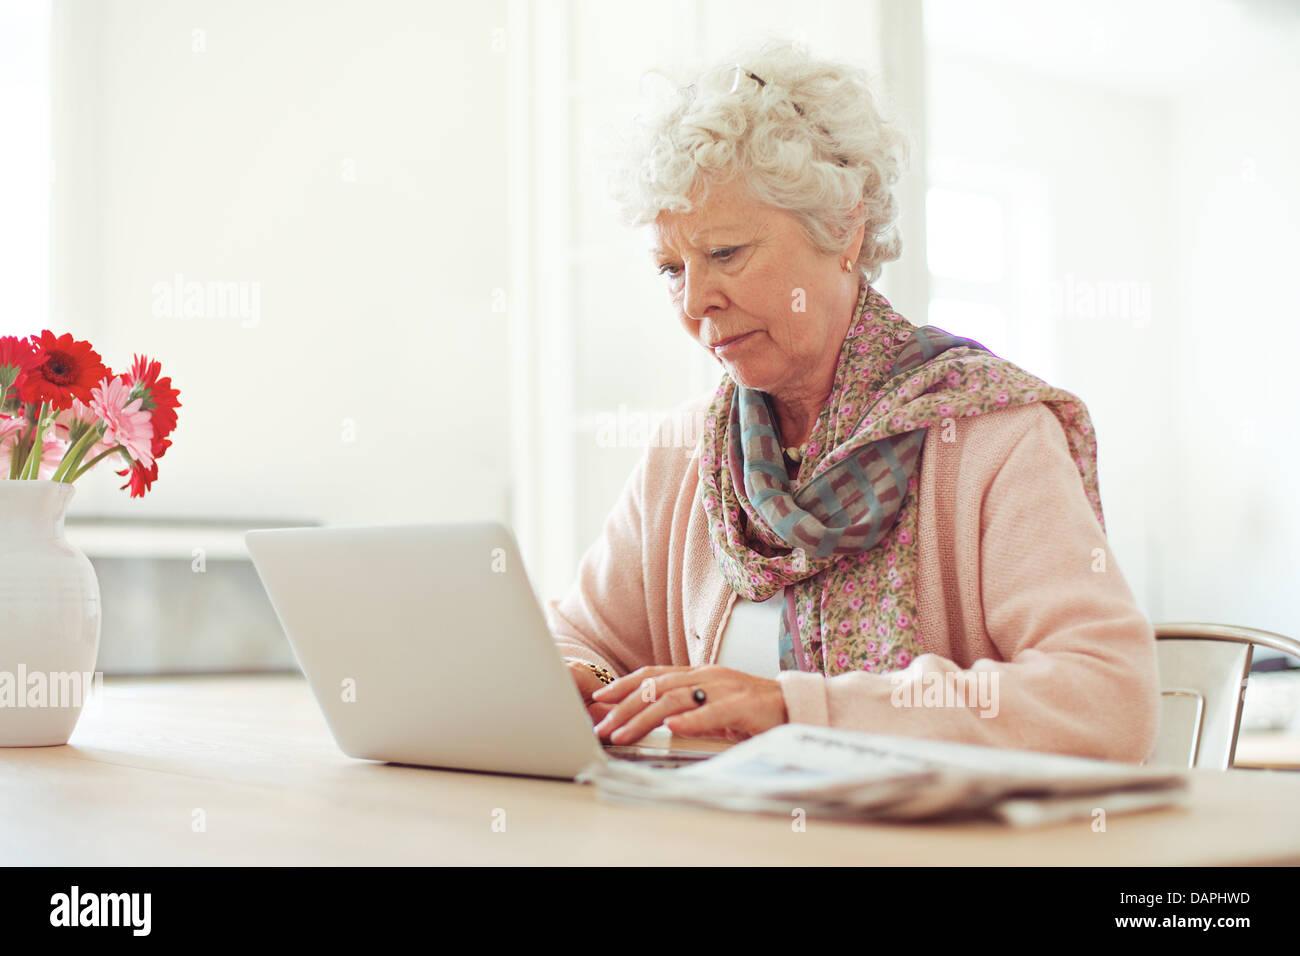 Donna anziana a casa digitando qualcosa usando il suo computer portatile Immagini Stock